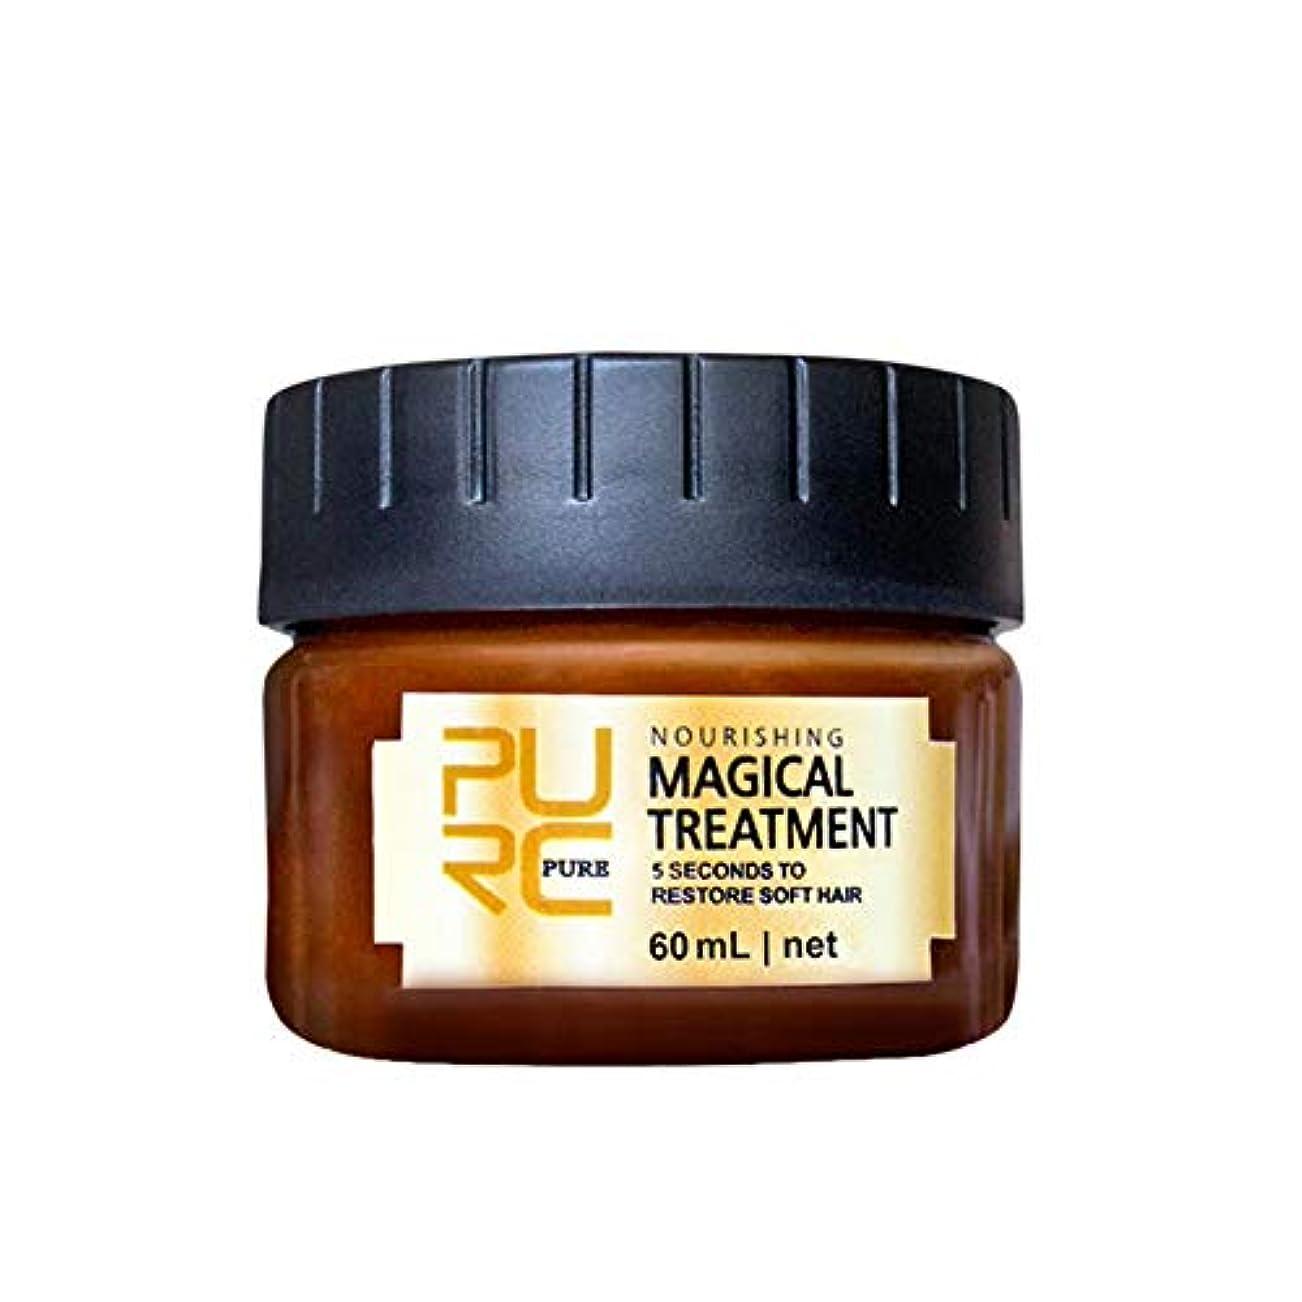 新しさミッション終了しましたヘアリペアマスク栄養障害のある髪と頭皮の栄養スムージングヘアコンディショナープロフェッショナルヘアディープコンディショナーの改善髪の保湿60ml